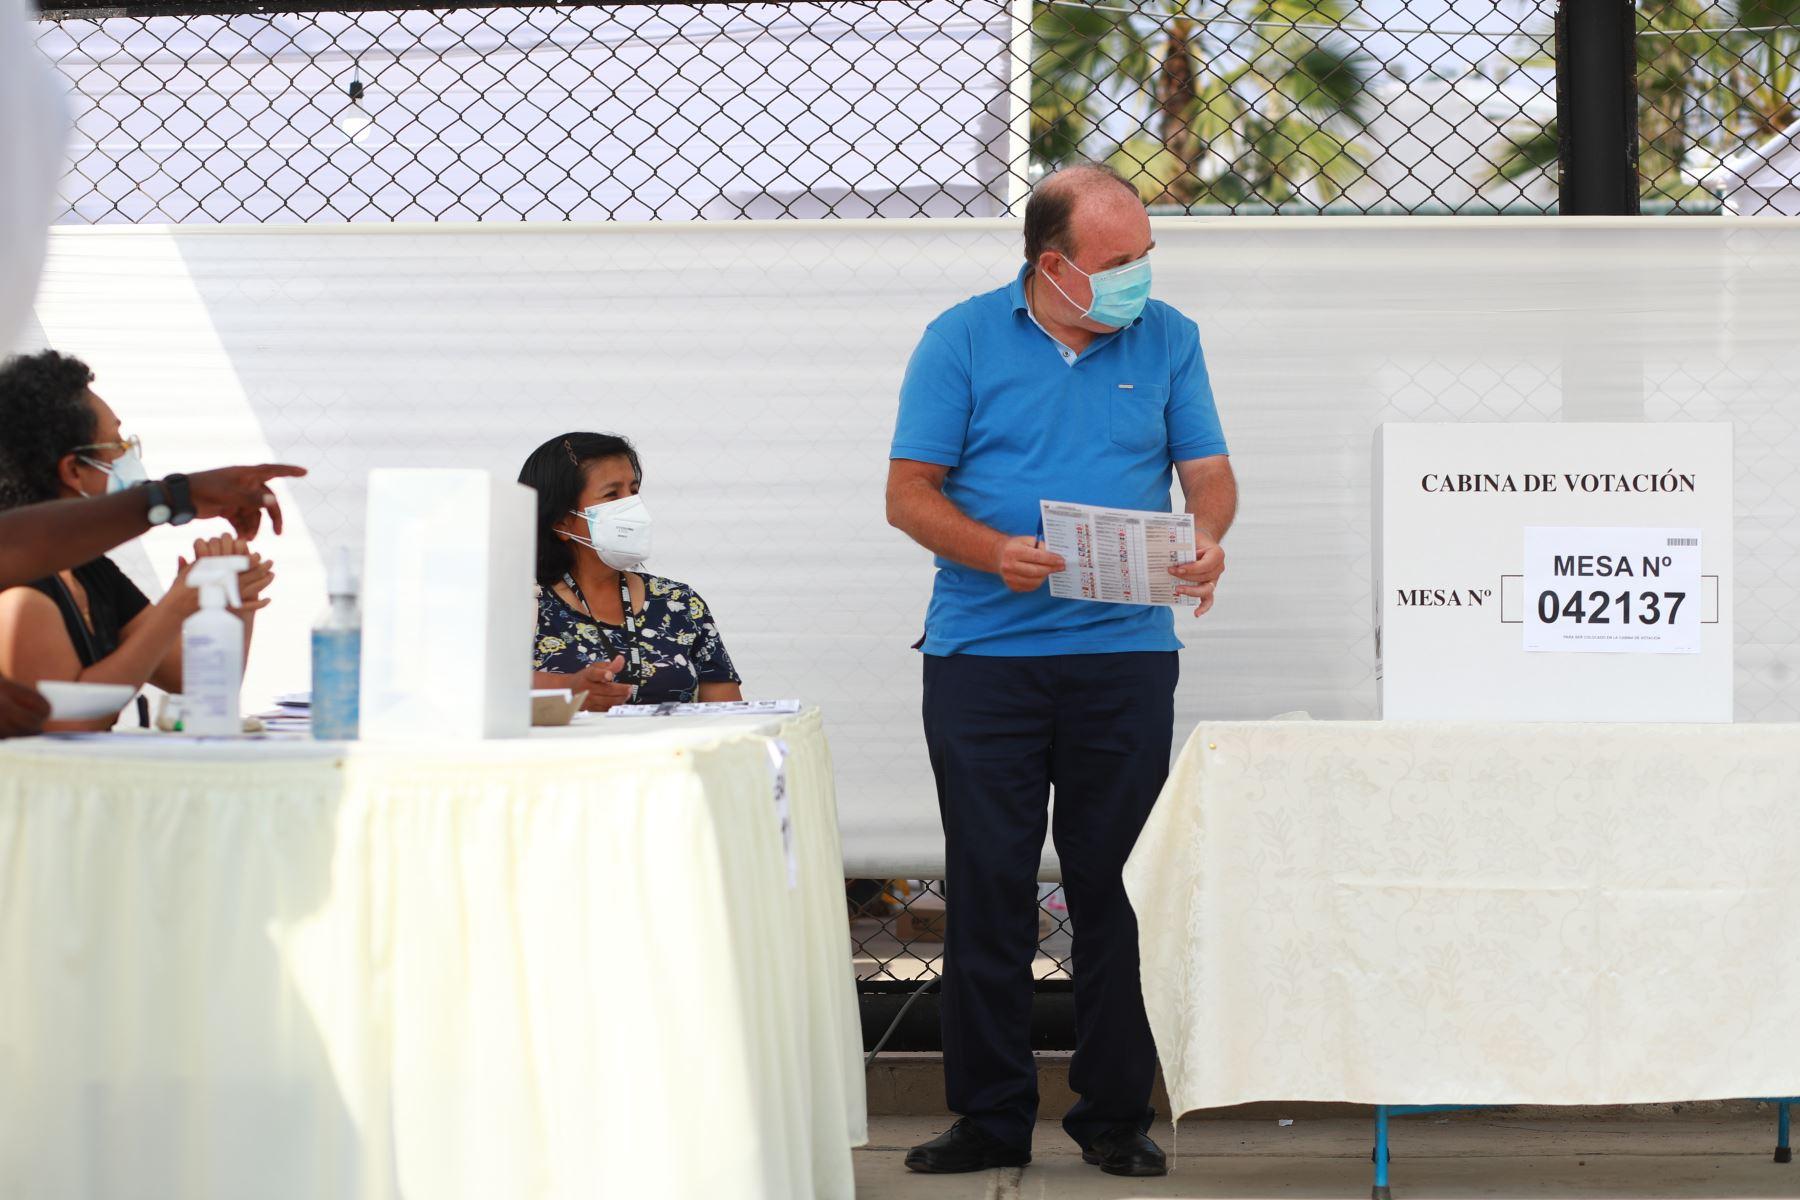 LIMA (PERÚ), 11/04/2021.-El candidato presidencial del Renovación Popular, Rafael López Aliaga , emite su voto en el Complejo Deportivo Chino Vásquez , en el distrito de Miraflores, durante la jornada de las Elecciones Generales 2021.  Foto: ANDINA/ Luis Iparraguirre